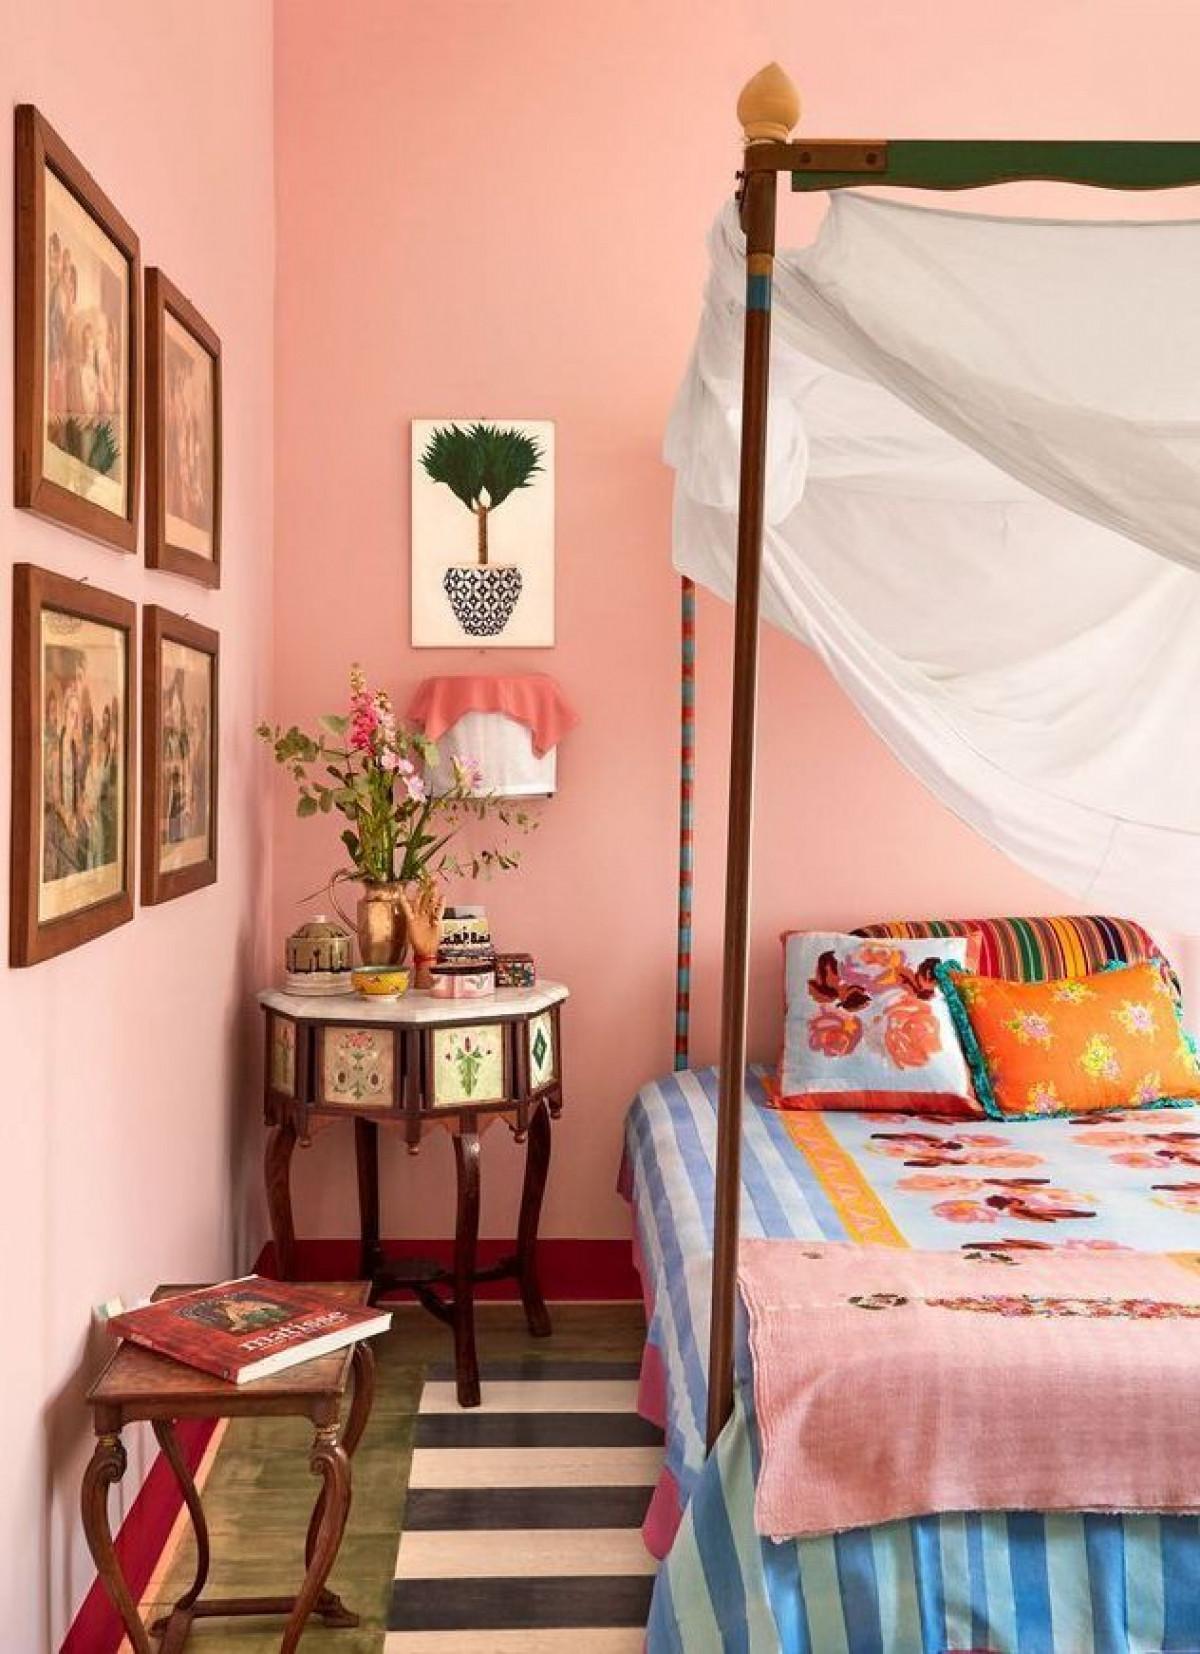 Màu hồng đào:Màu hồng thường được dùng cho các phòng trẻ em nhưng với tone hồng đào nhẹ nhàng, tinh tế, tính ứng dụng của nó cao hơn. Màu sắc này mang lại cảm giác hạnh phúc, vui vẻ./.